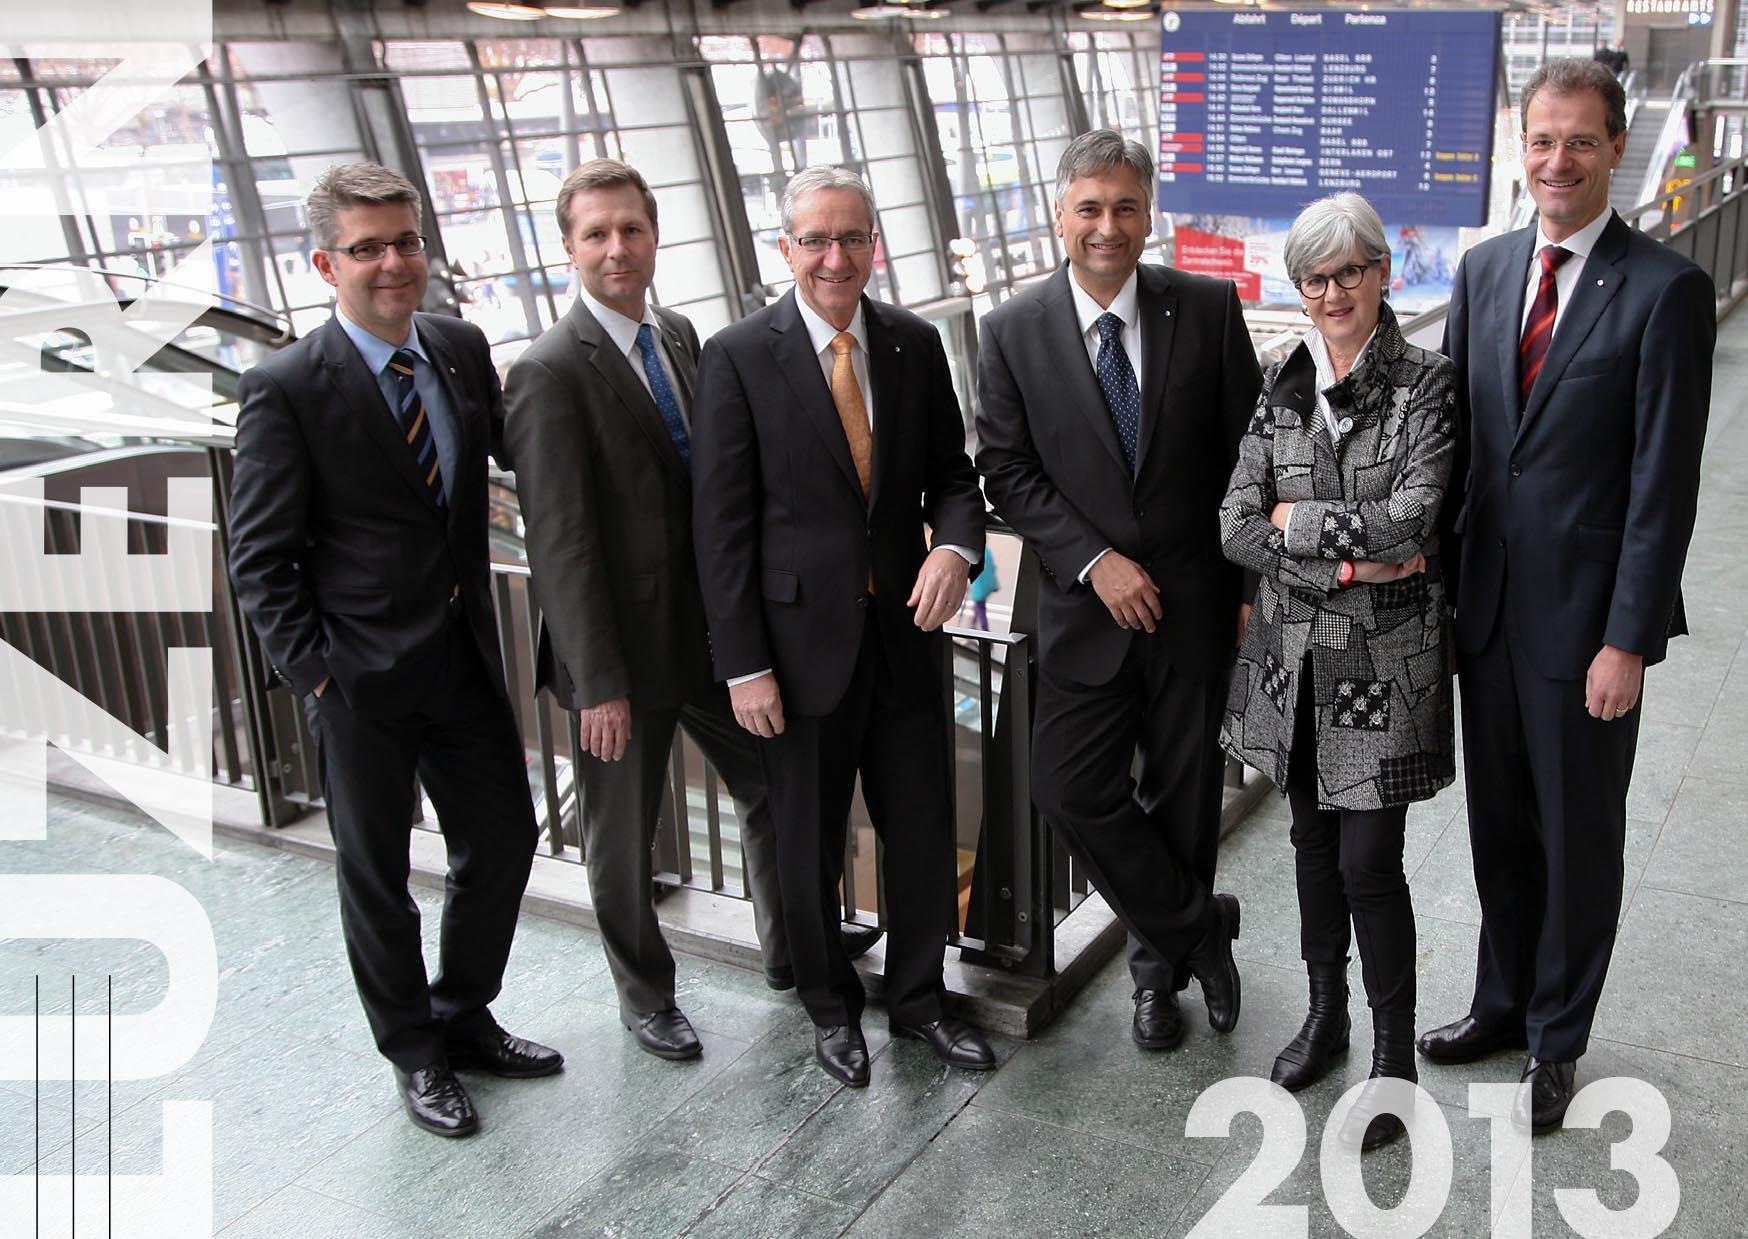 Fotos 2013: (v.l.) Staatsschreiber Lukas Gresch-Brunner, Marcel Schwerzmann (pl), Robert Küng (FDP), Guido Graf (CVP), Yvonne Schärli-Gerig (SP) und Reto Wyss (CVP).